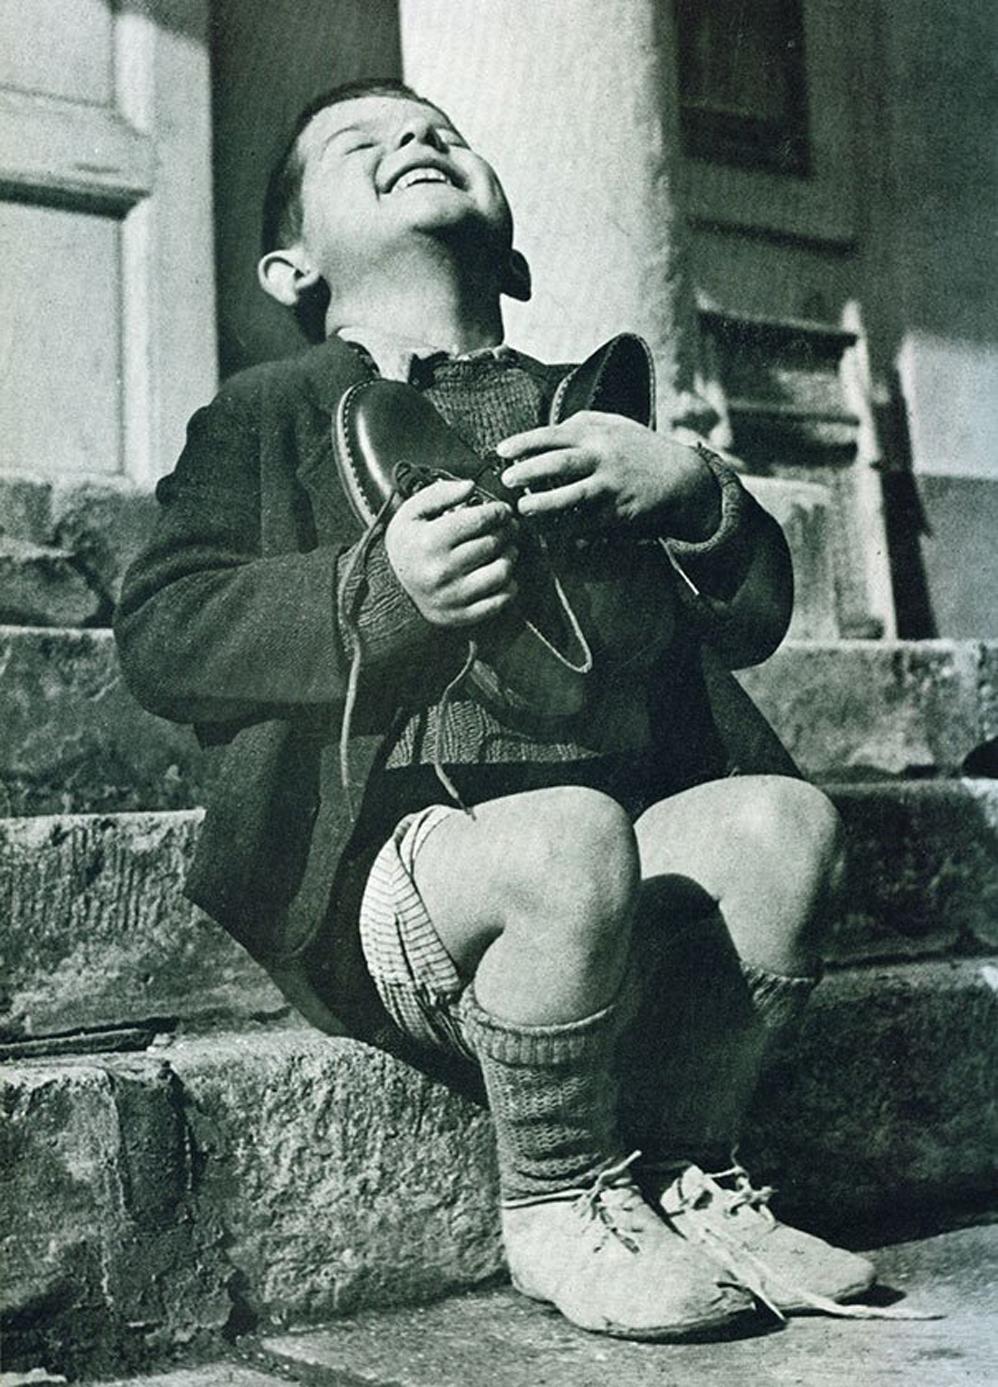 Momento de felicidad de un niño austríaco después de recibir zapatos nuevos durante la Segunda Guerra Mundial